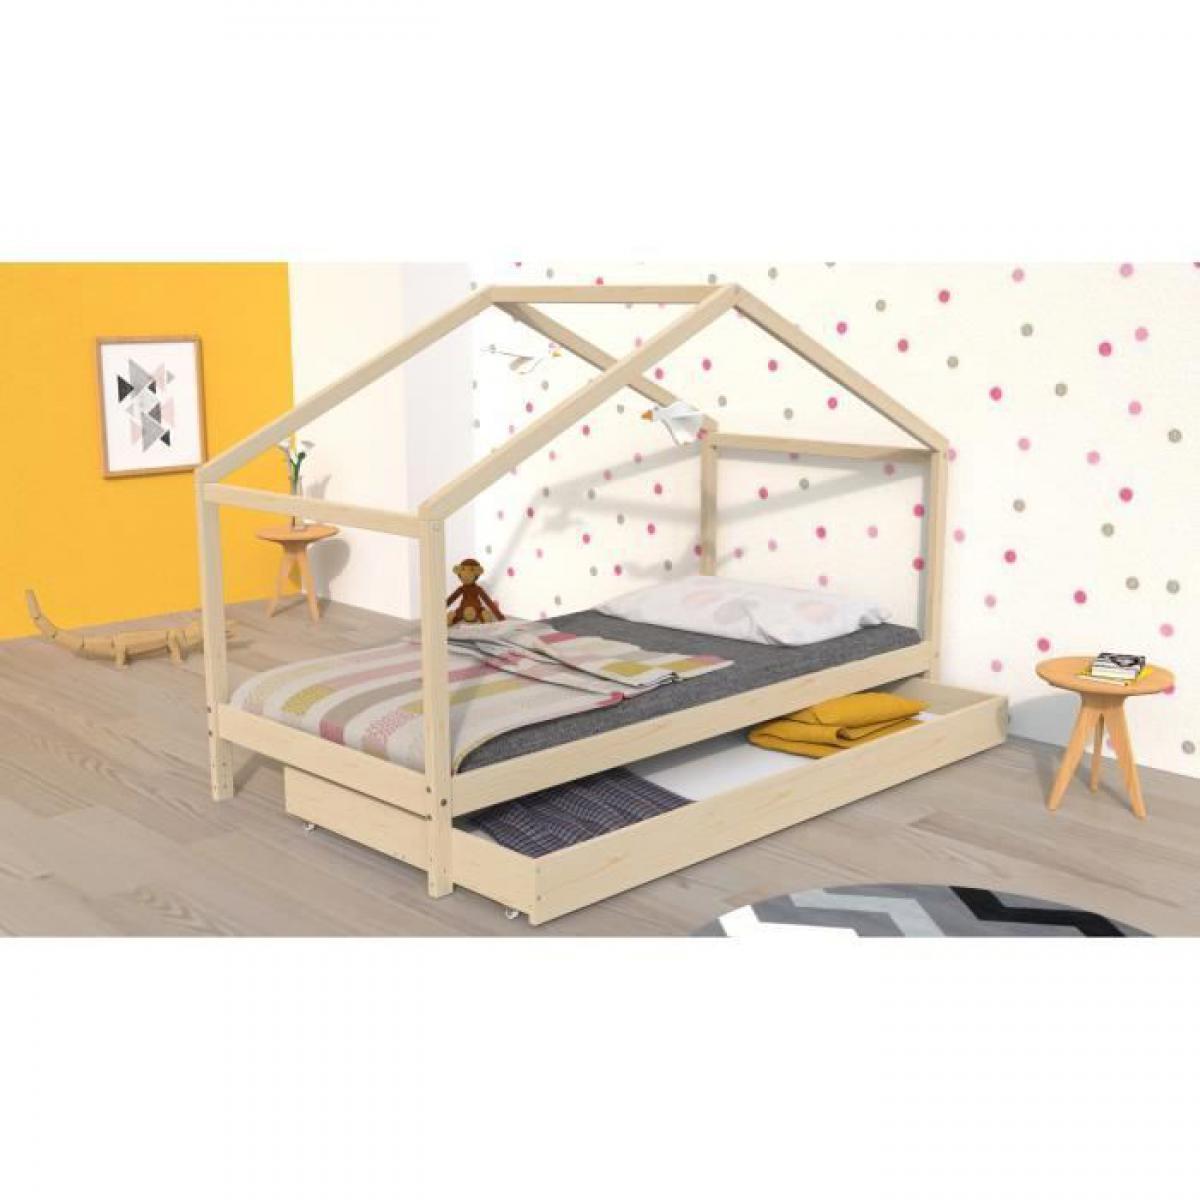 Cstore Lit cabane enfant avec tiroir Bois pin massif